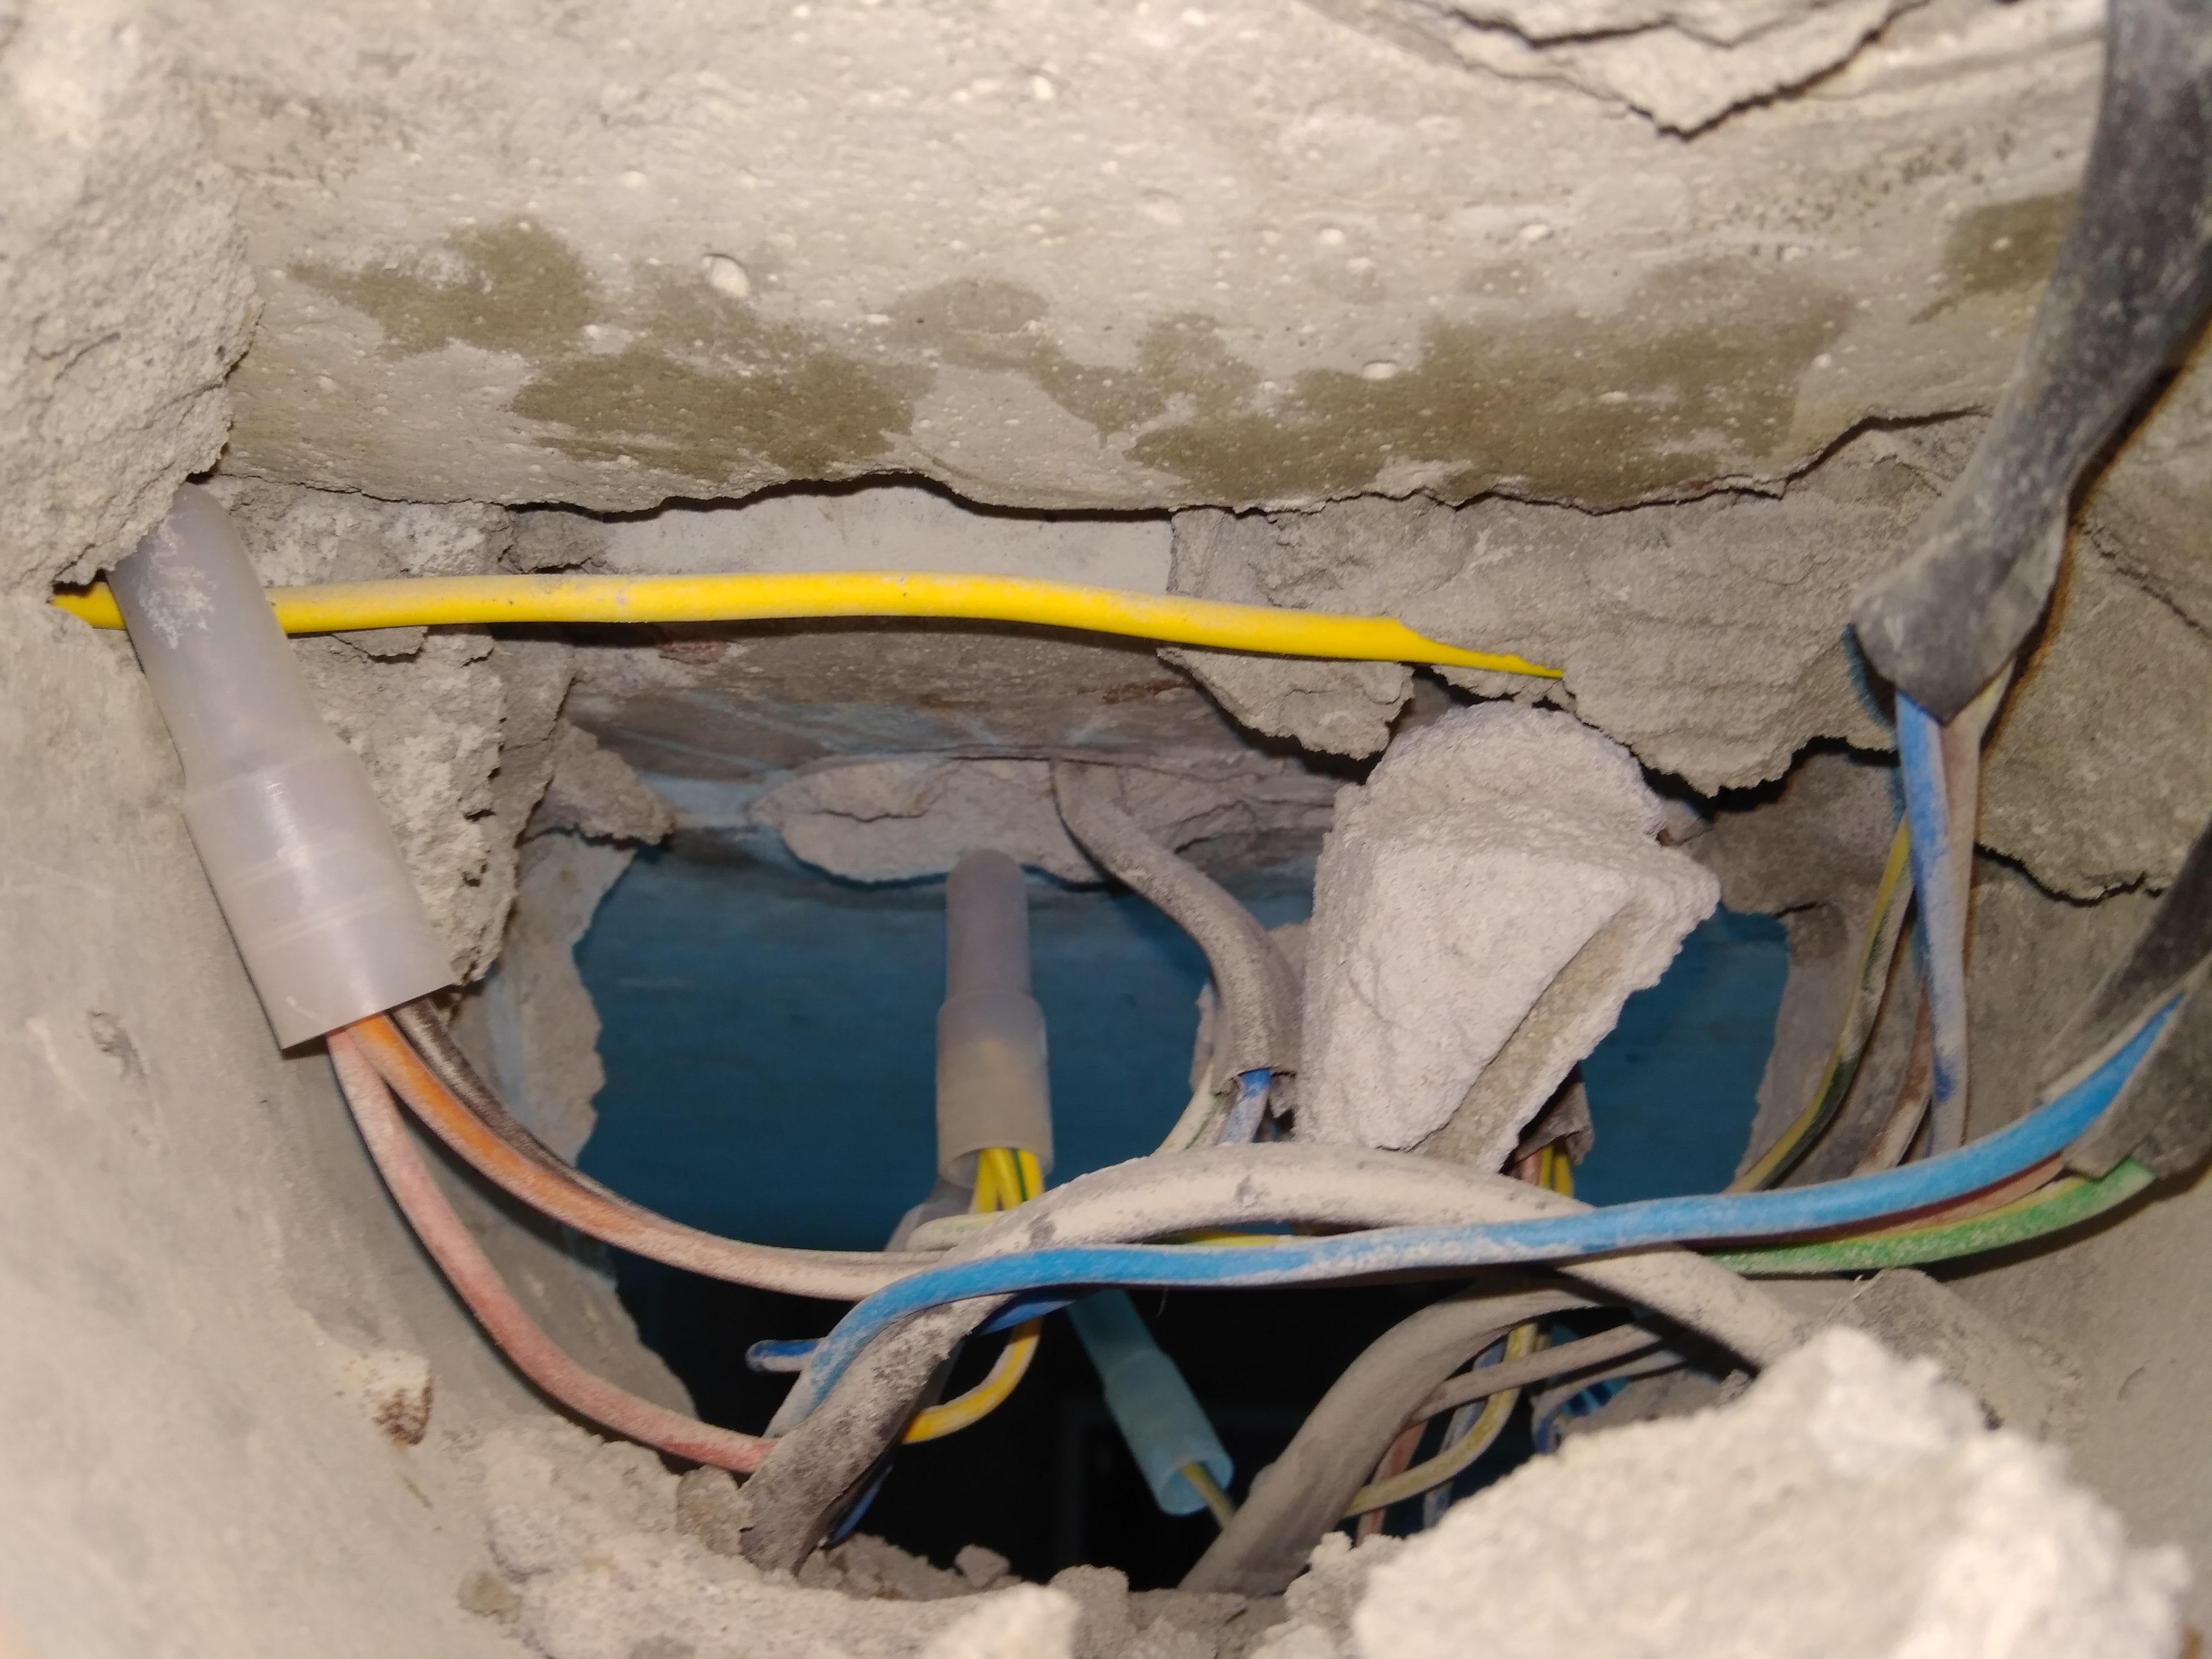 Проводка по потолку: как провести электропроводку и спрятать провода своими руками, крепление выключателя: фото и видео